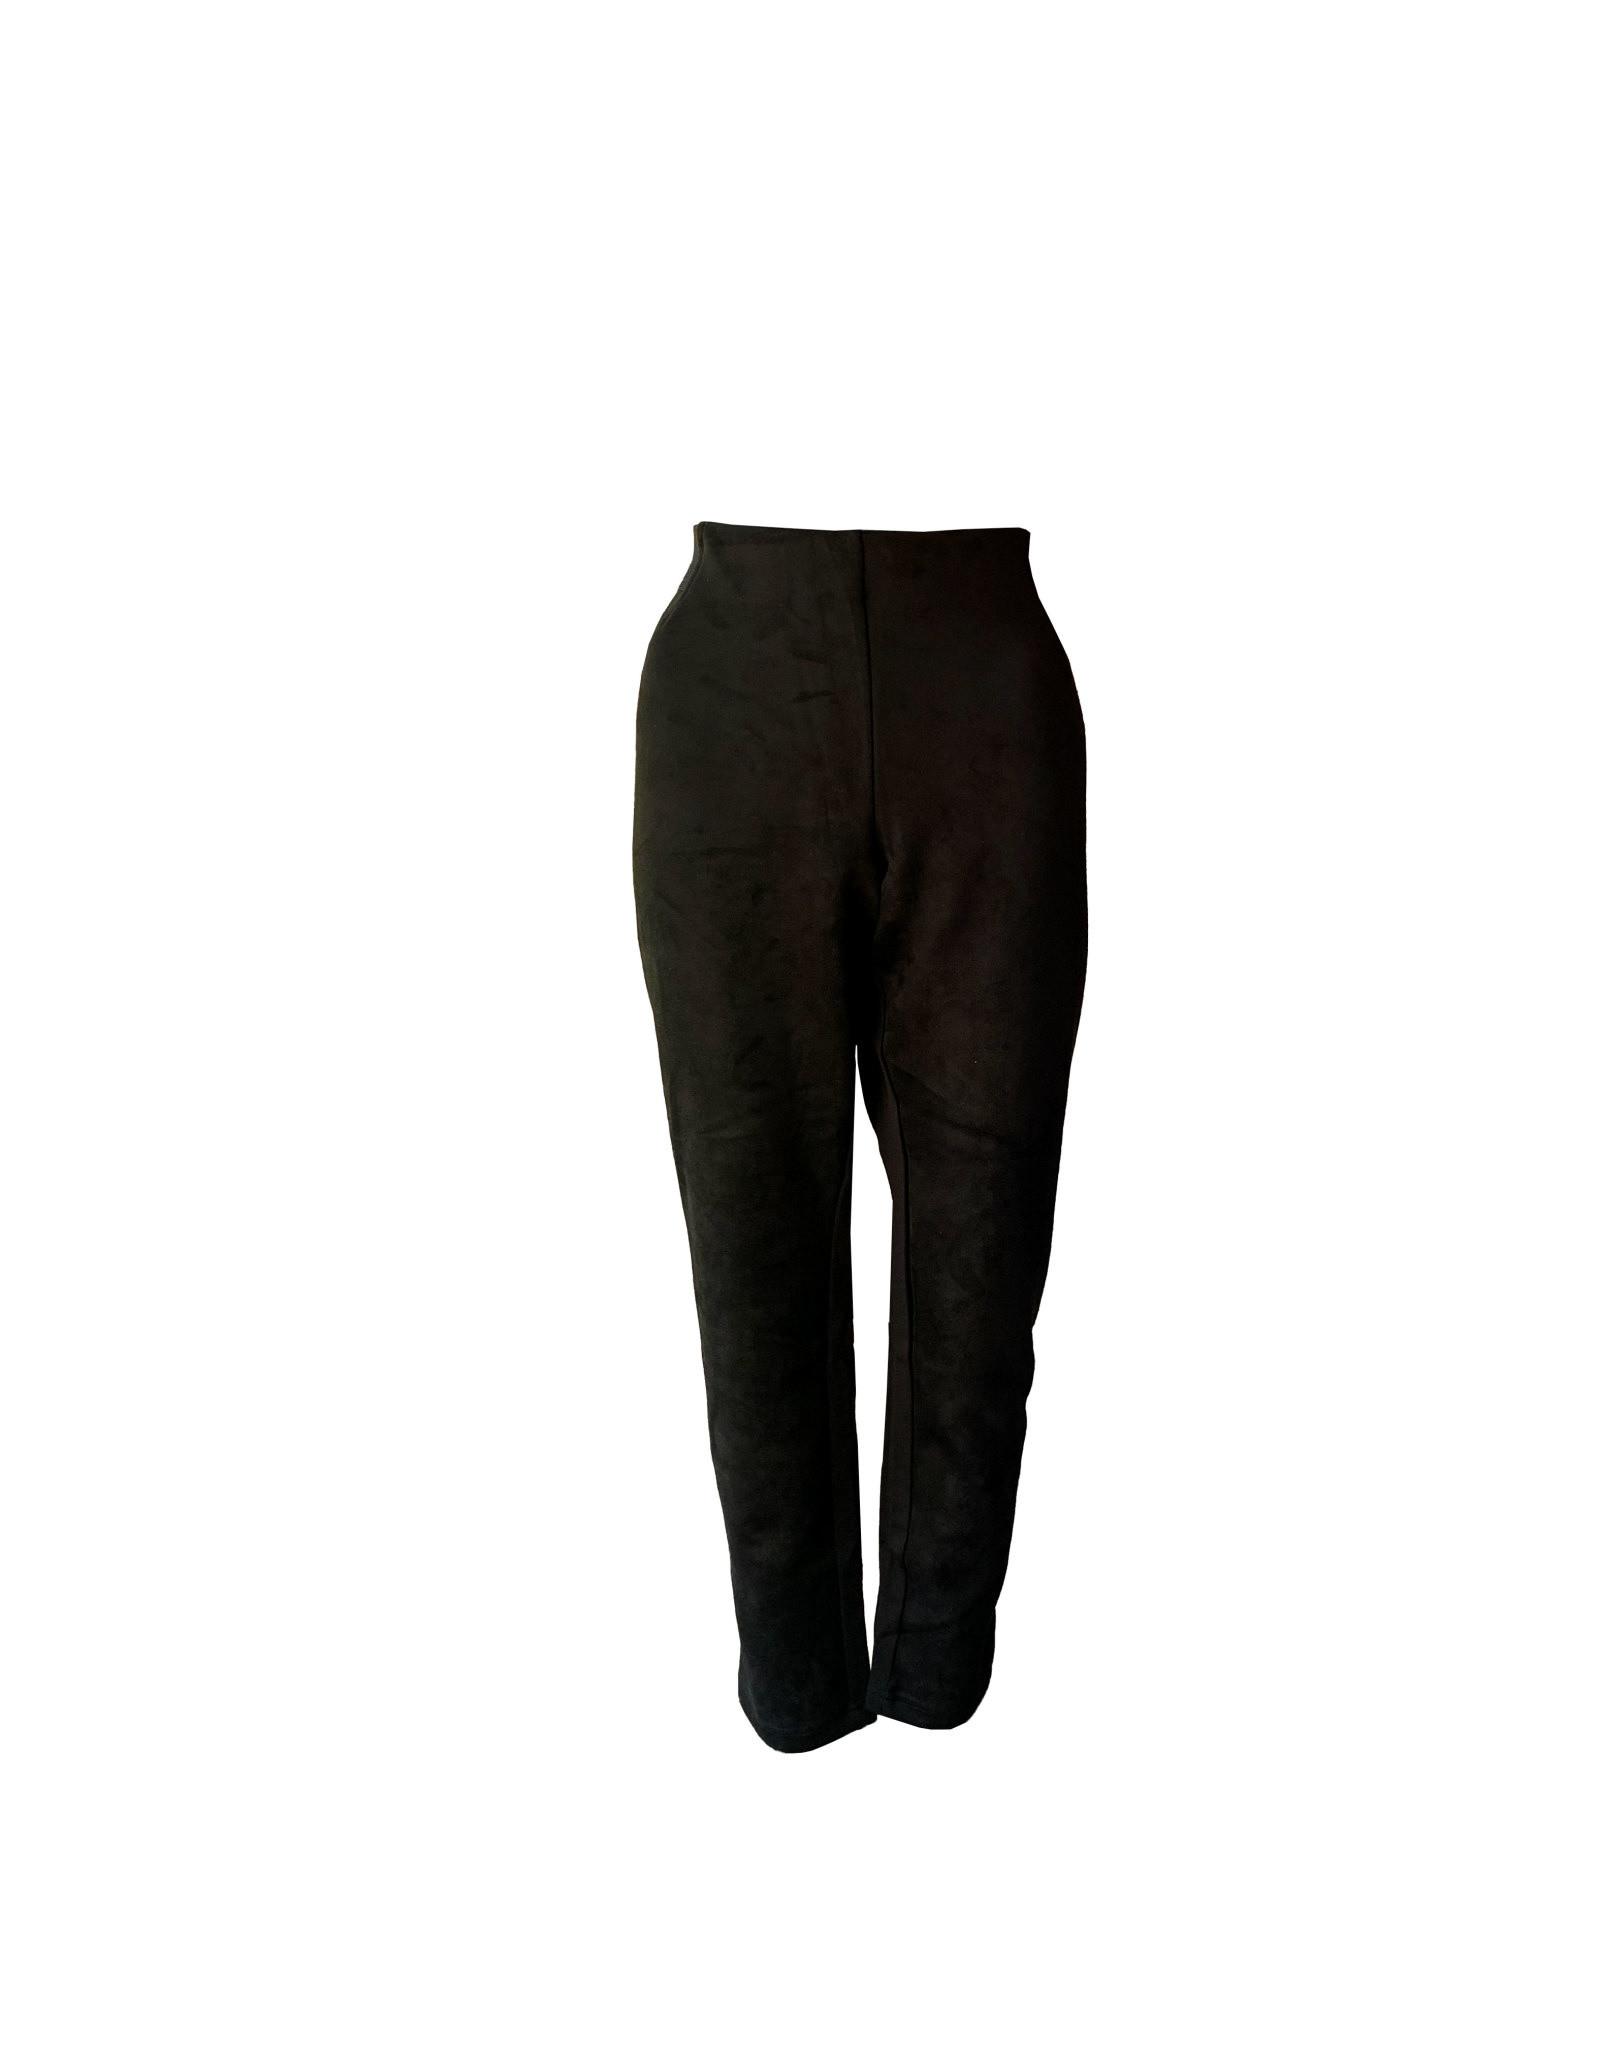 CHAPS Chaps Piney Slim-Fit Ponte Pants: XL